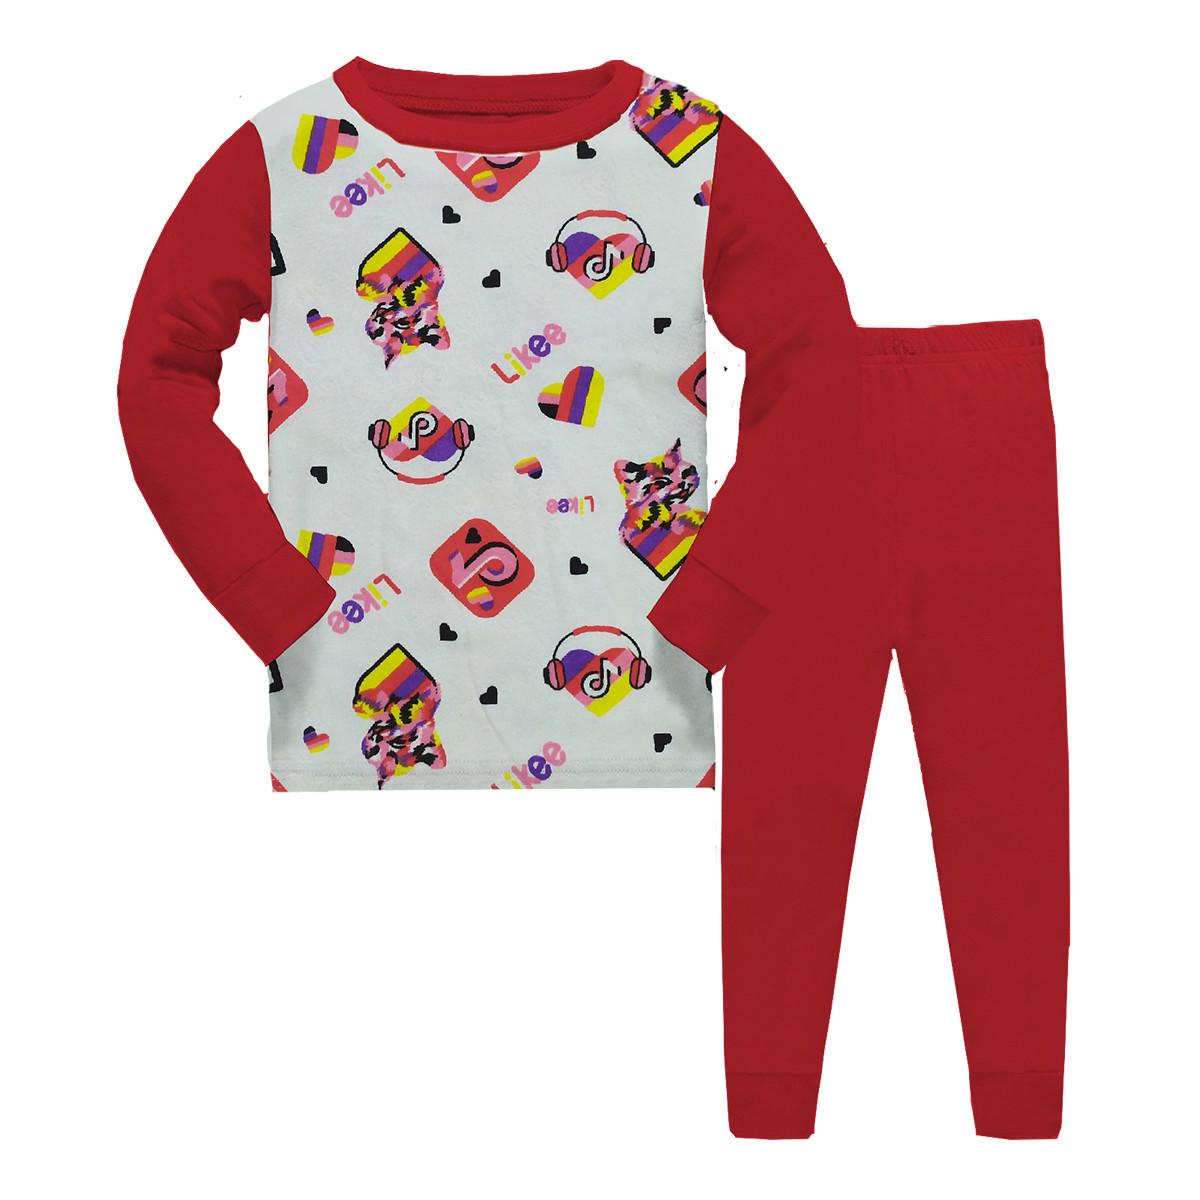 Пижама детская,для девочки демисезонная,Likeet+ КОТИК, Gupse